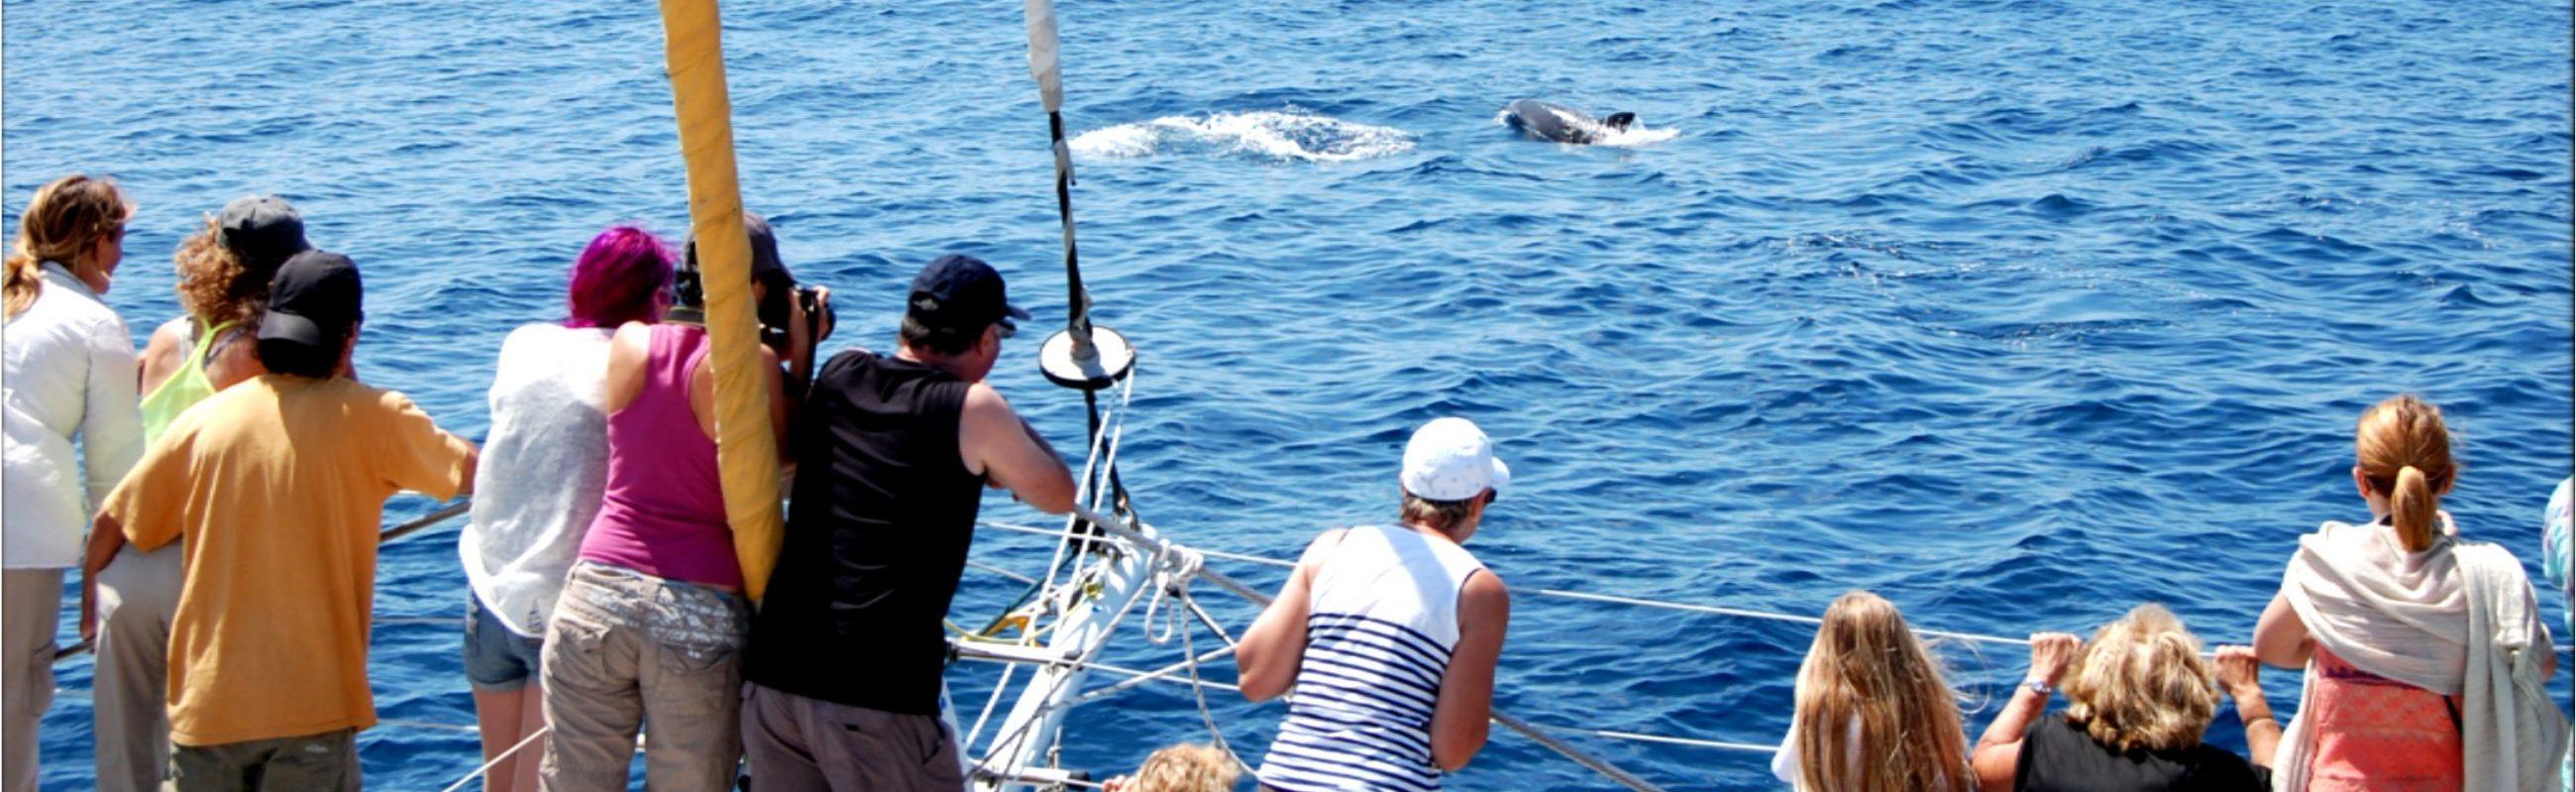 catamaran navivoile croisière à la rencontre du grand dauphin au départ de canet en roussillon